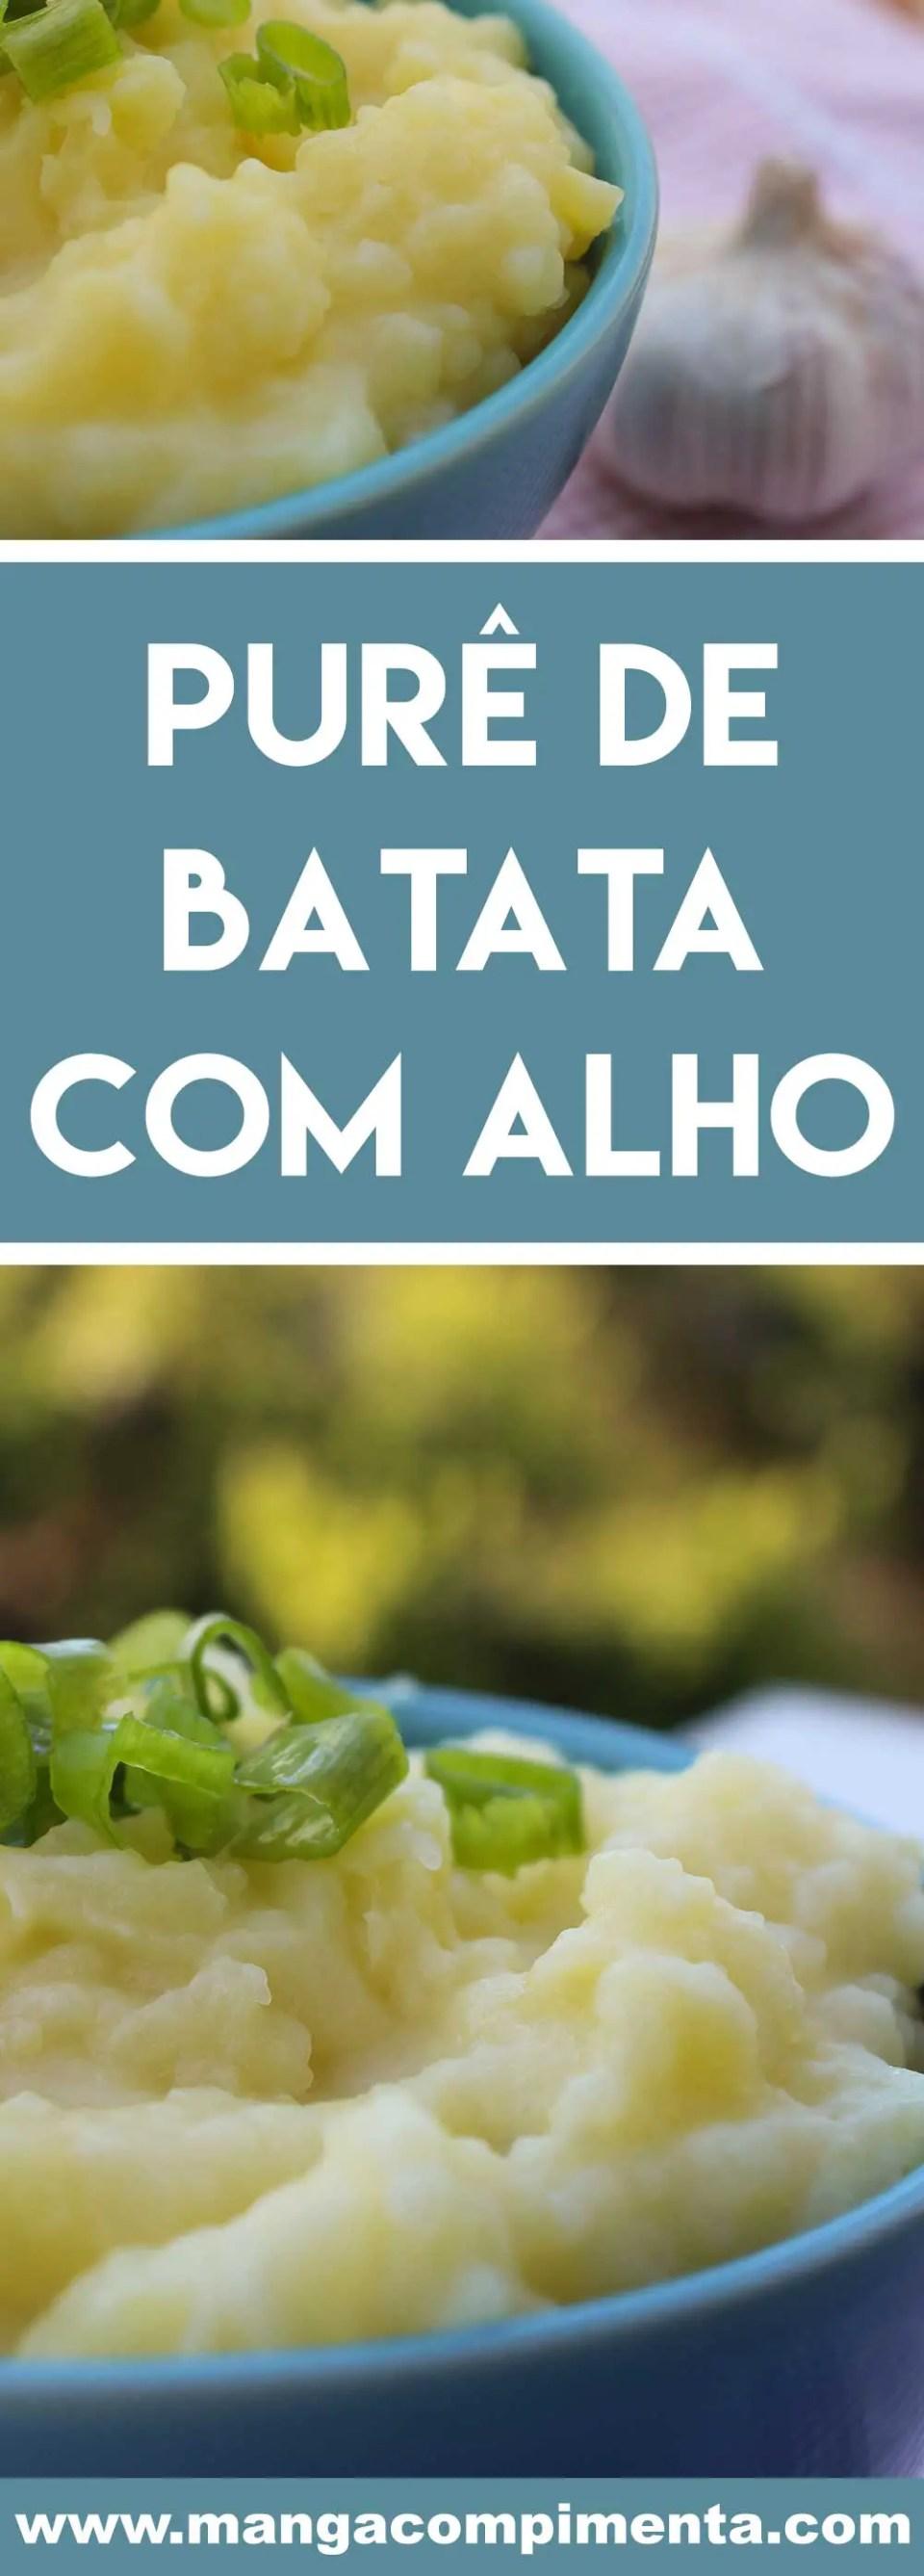 Receita de Purê de Batata com Alho - um delicioso acompanhamento para o almoço da semana.